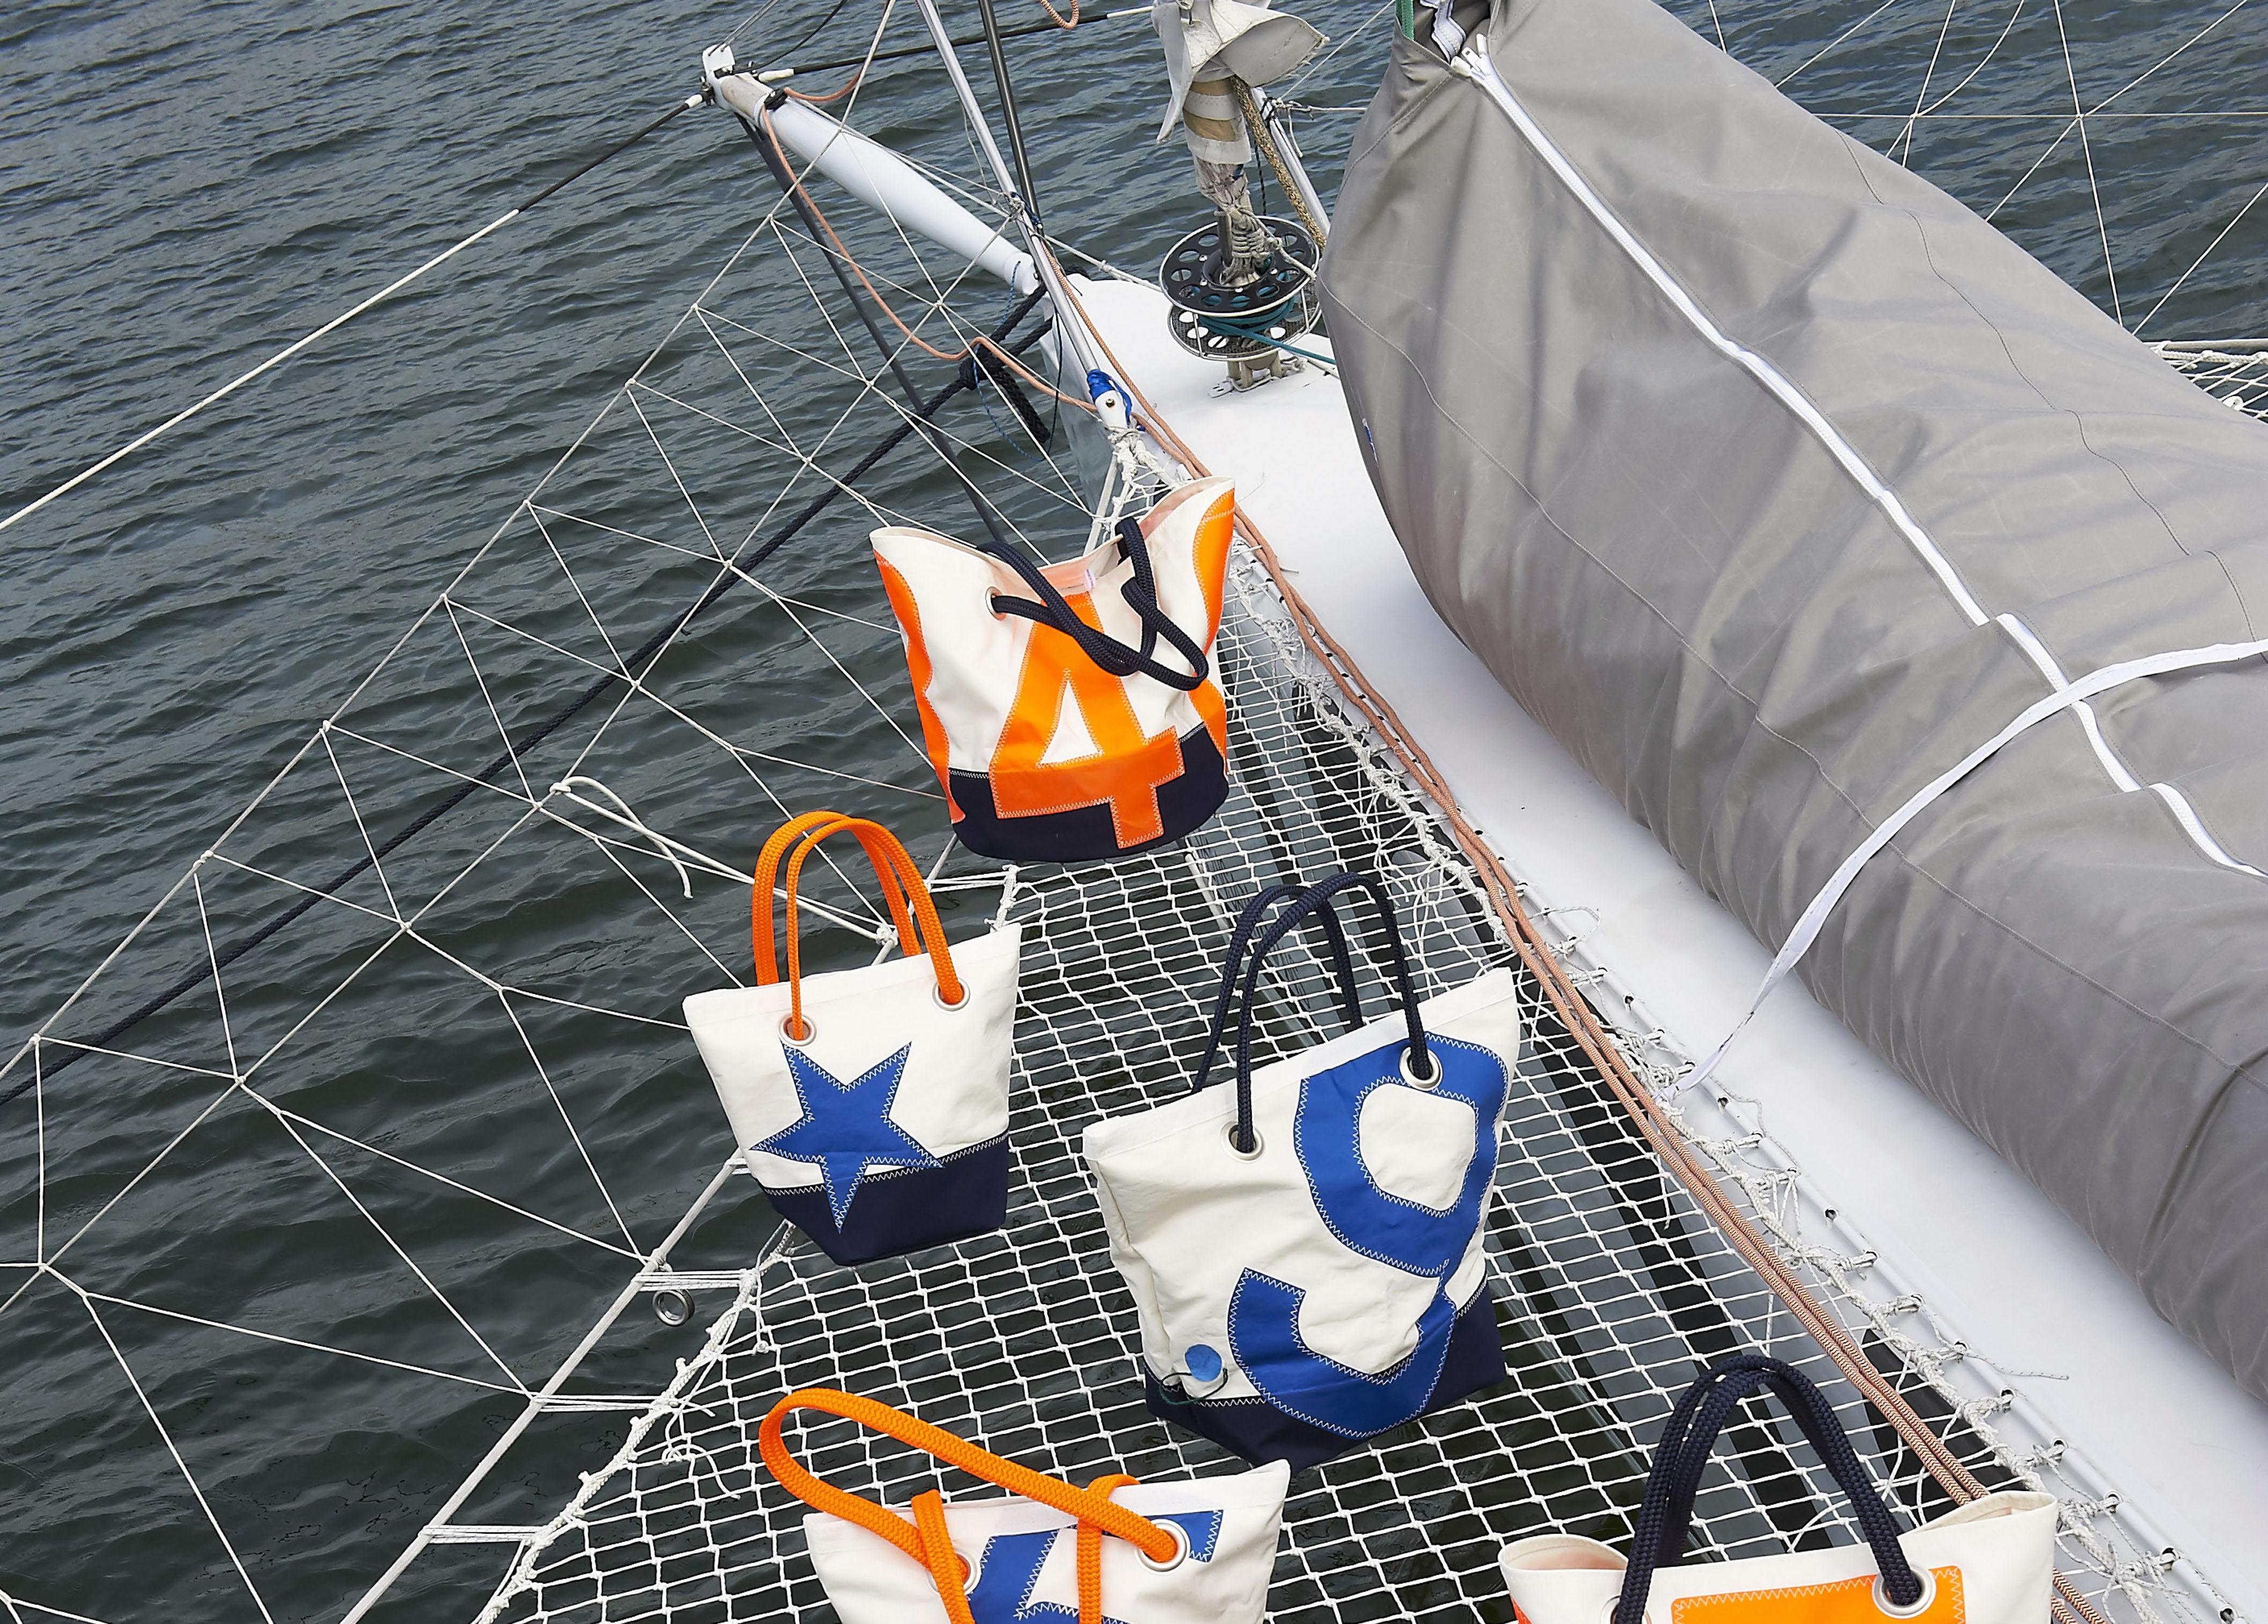 727sailbags : des sacs en voiles de bateau recyclées